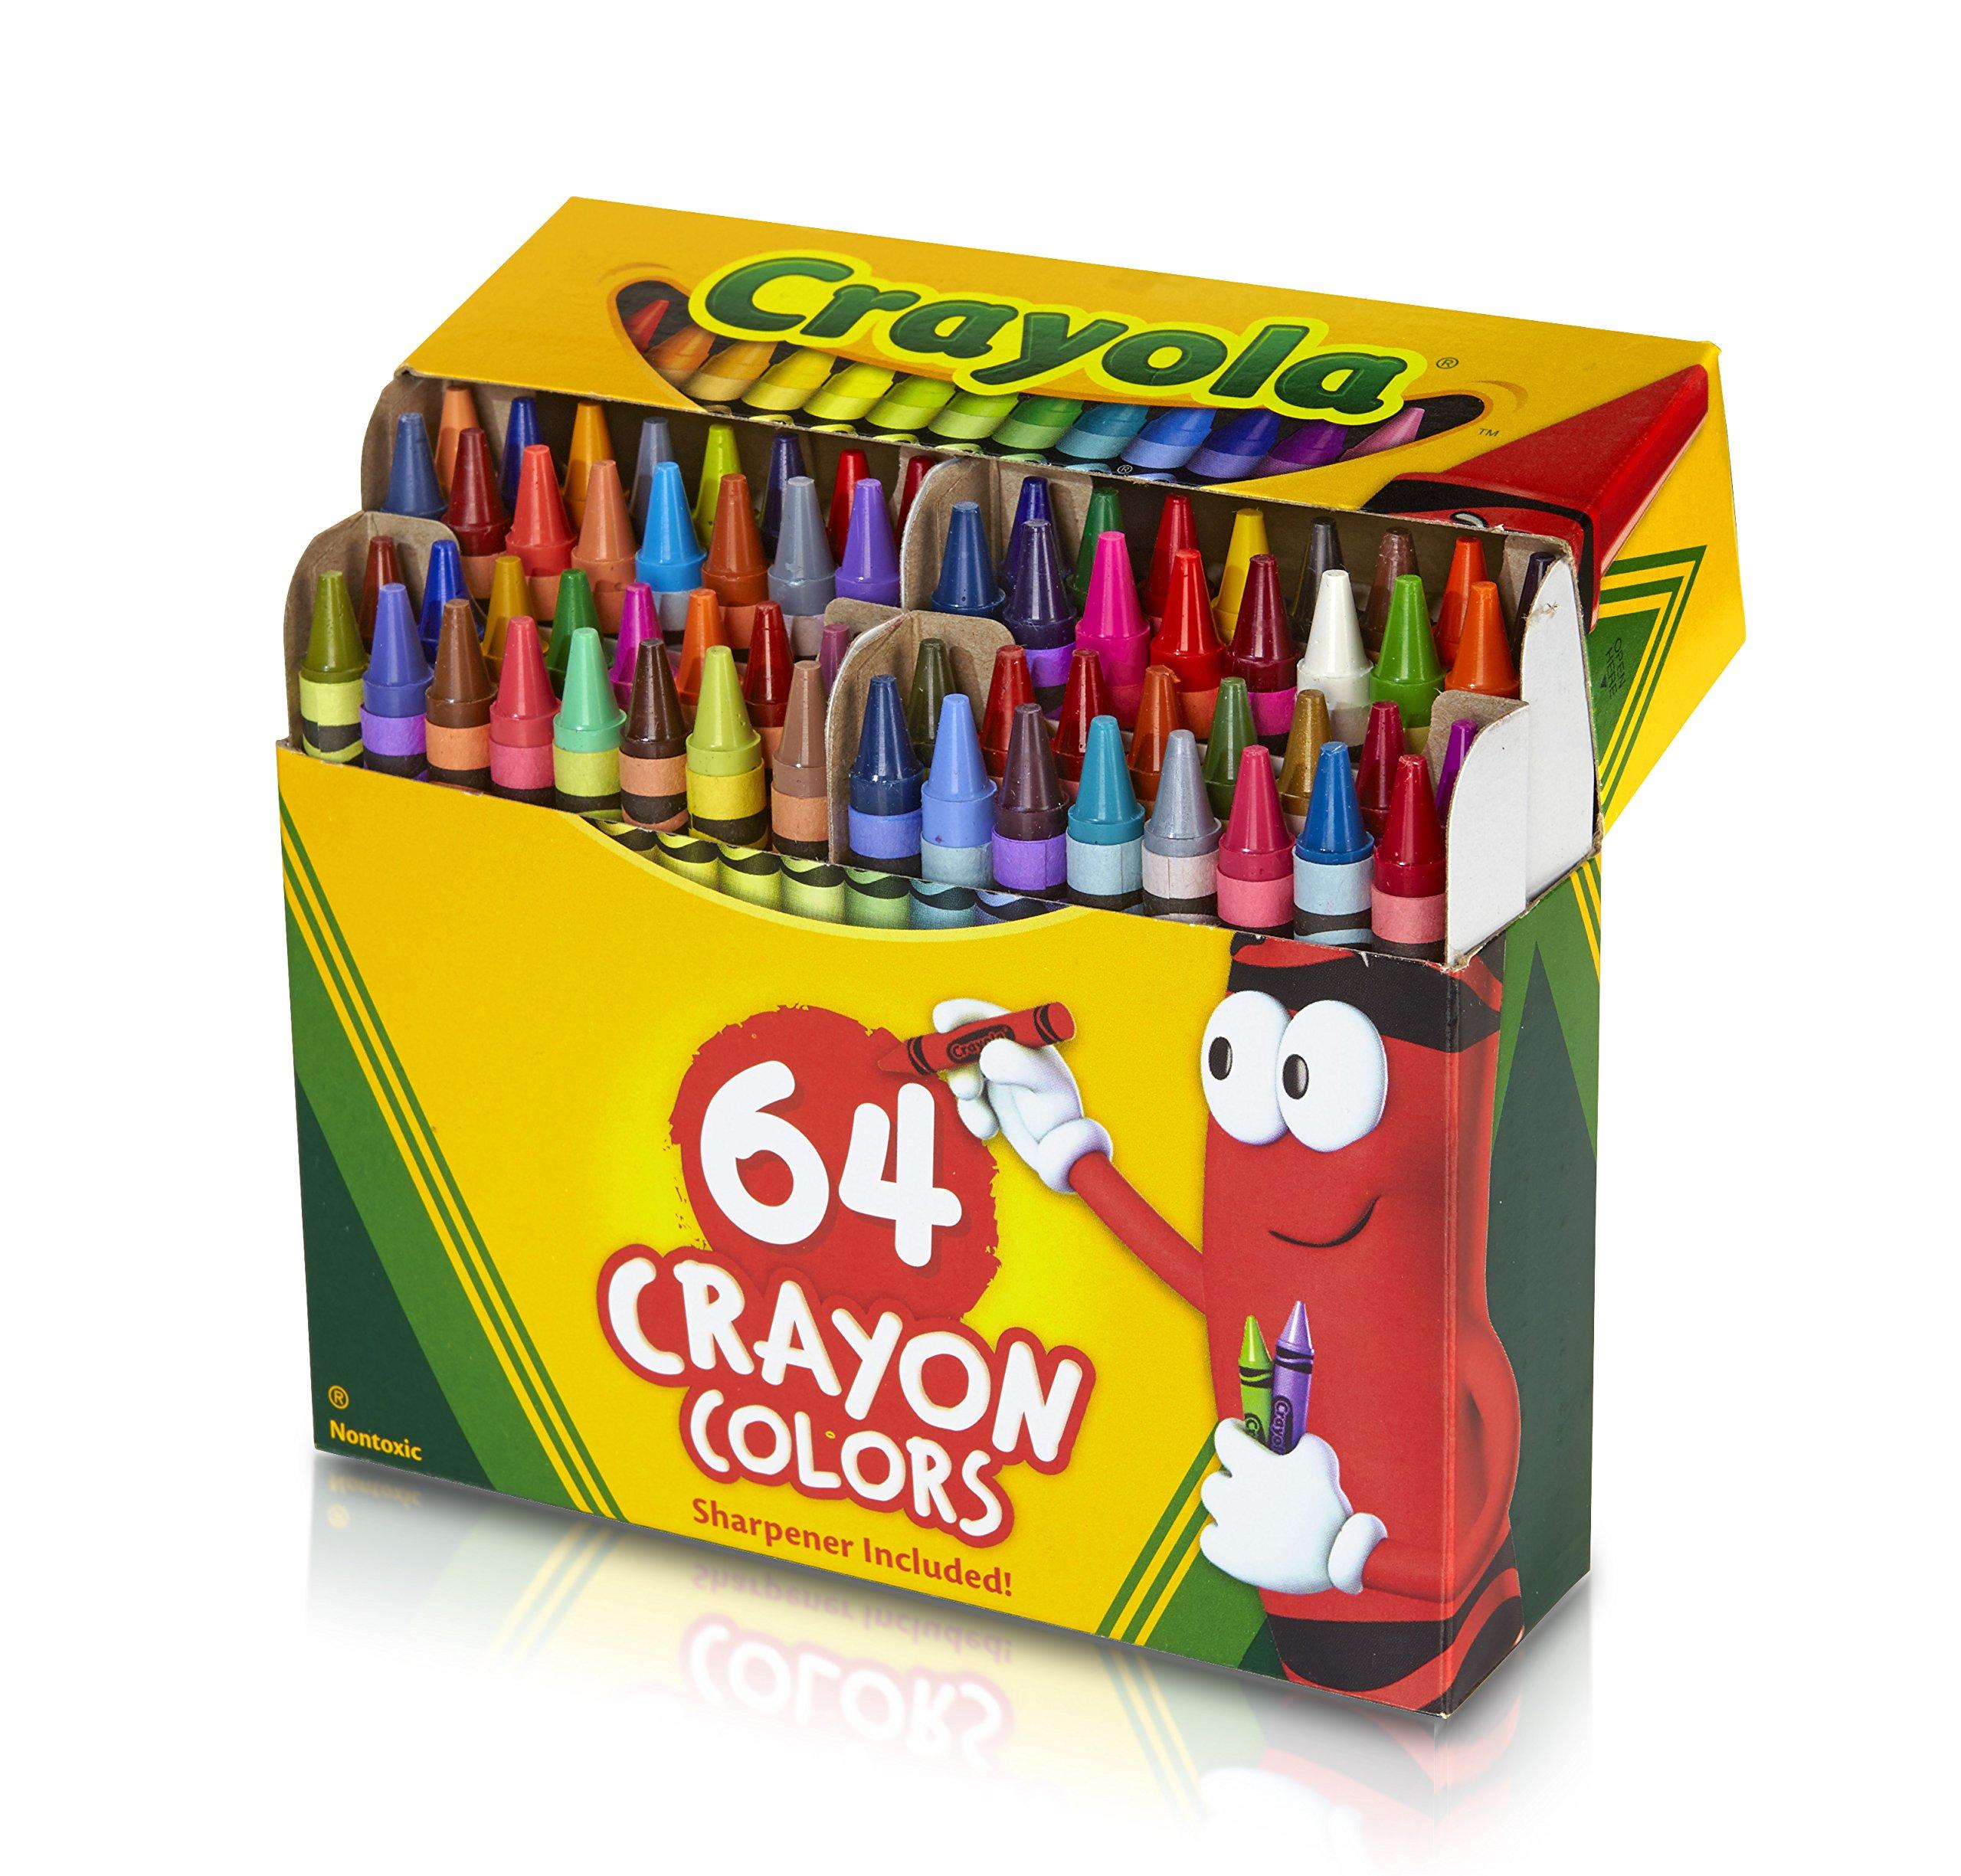 crayola 64 ct crayons 52 0064 new free shipping - Free Crayola Crayons